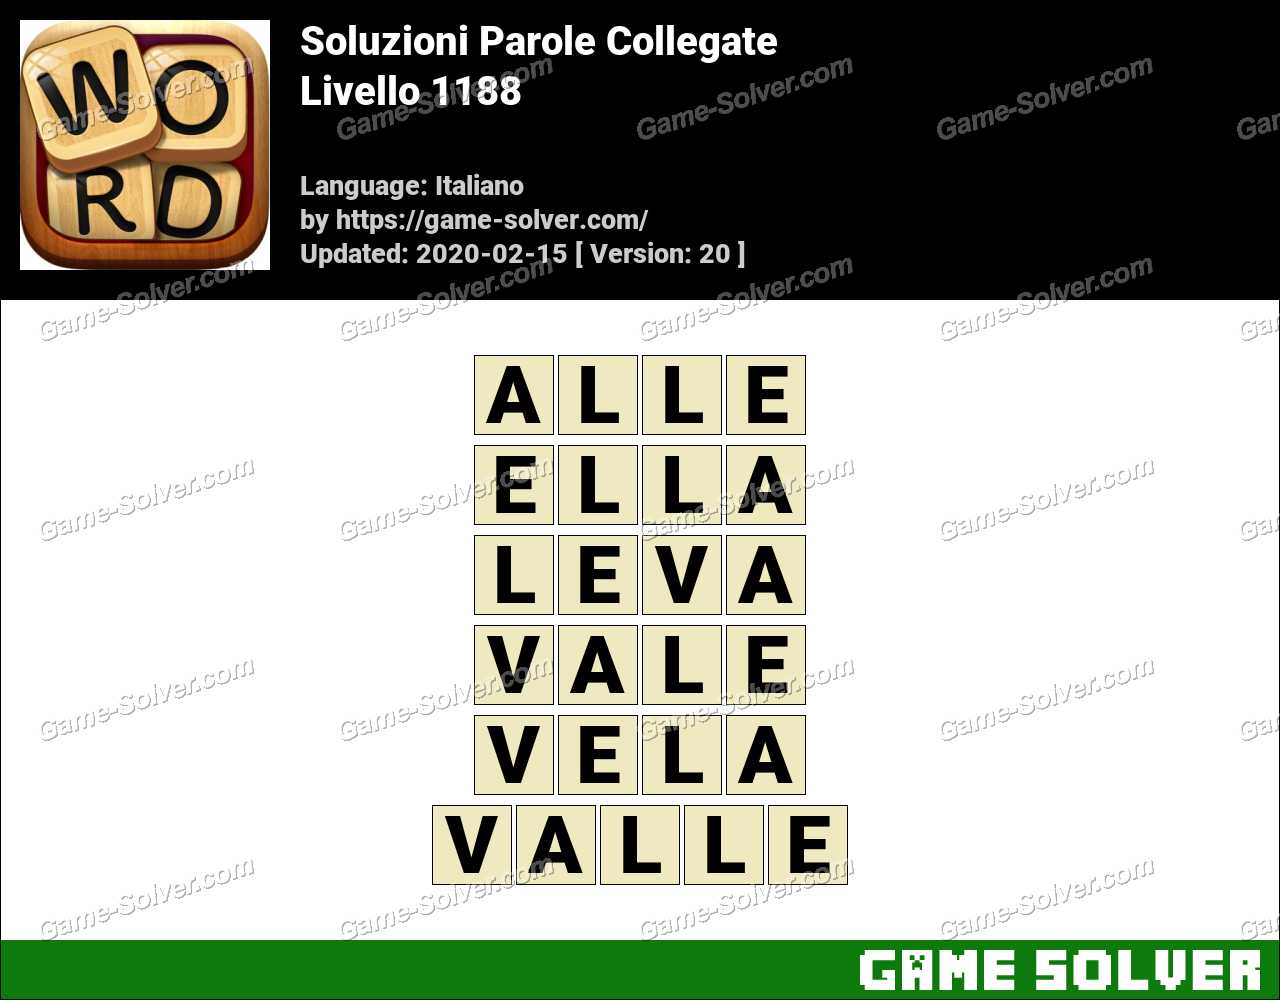 Soluzioni Parole Collegate Livello 1188